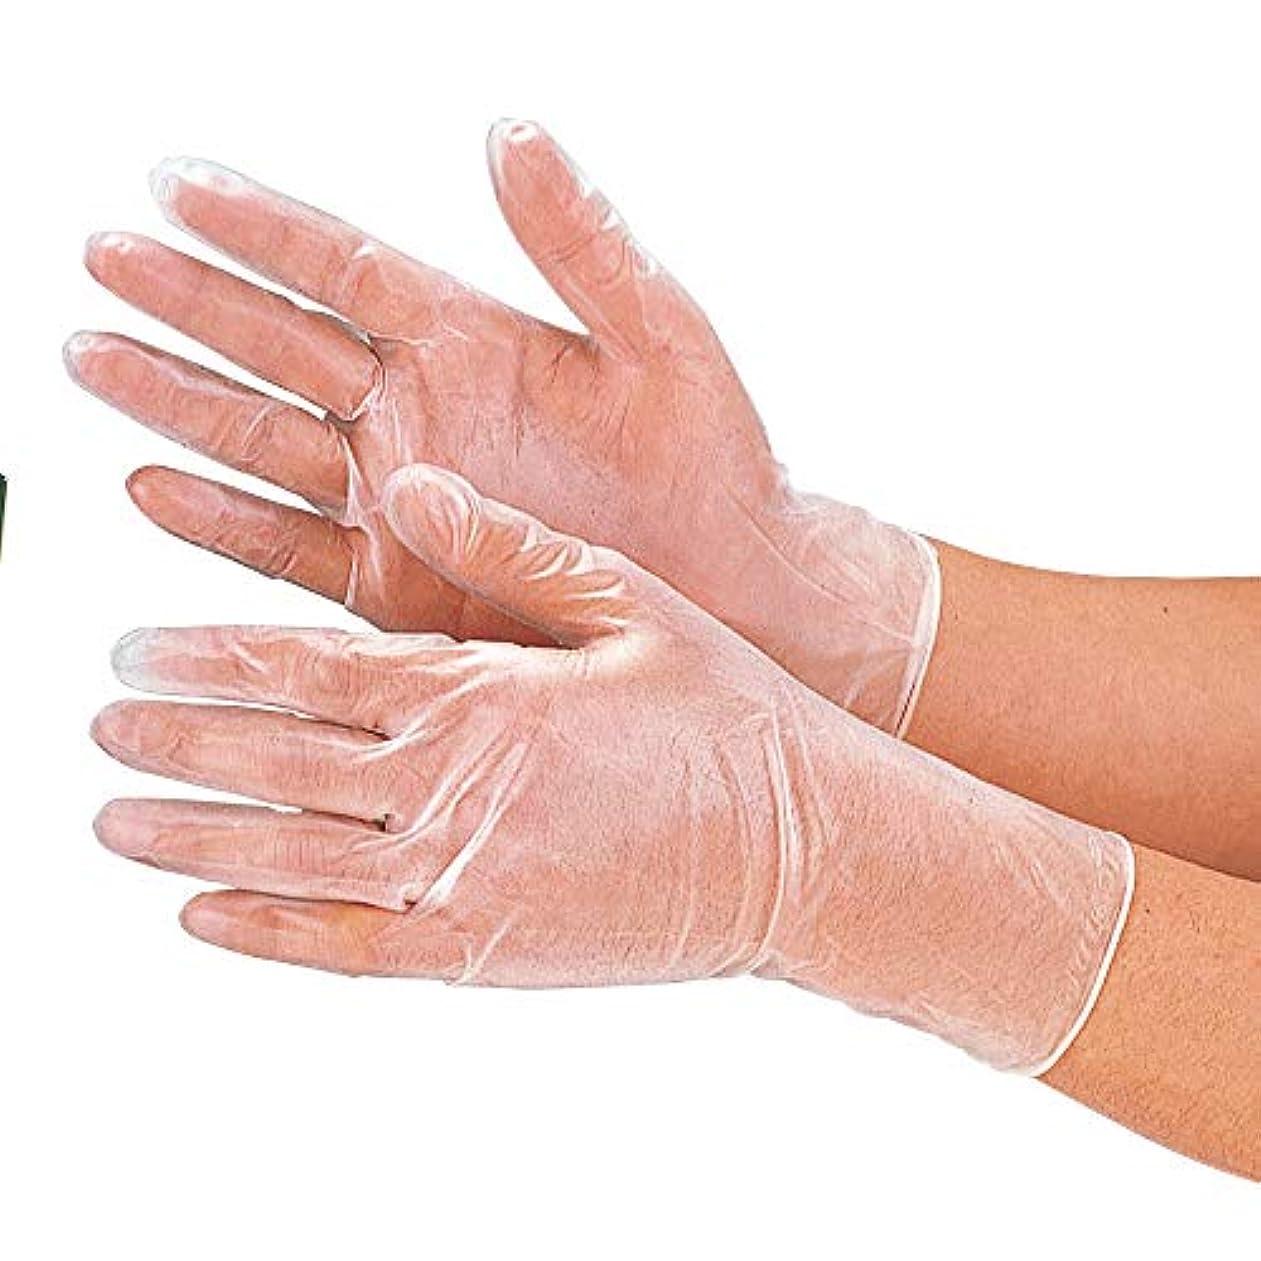 誕生切断する司教おたふく手袋 プラスチックディスポ手袋 100枚入り #255 S/M/L